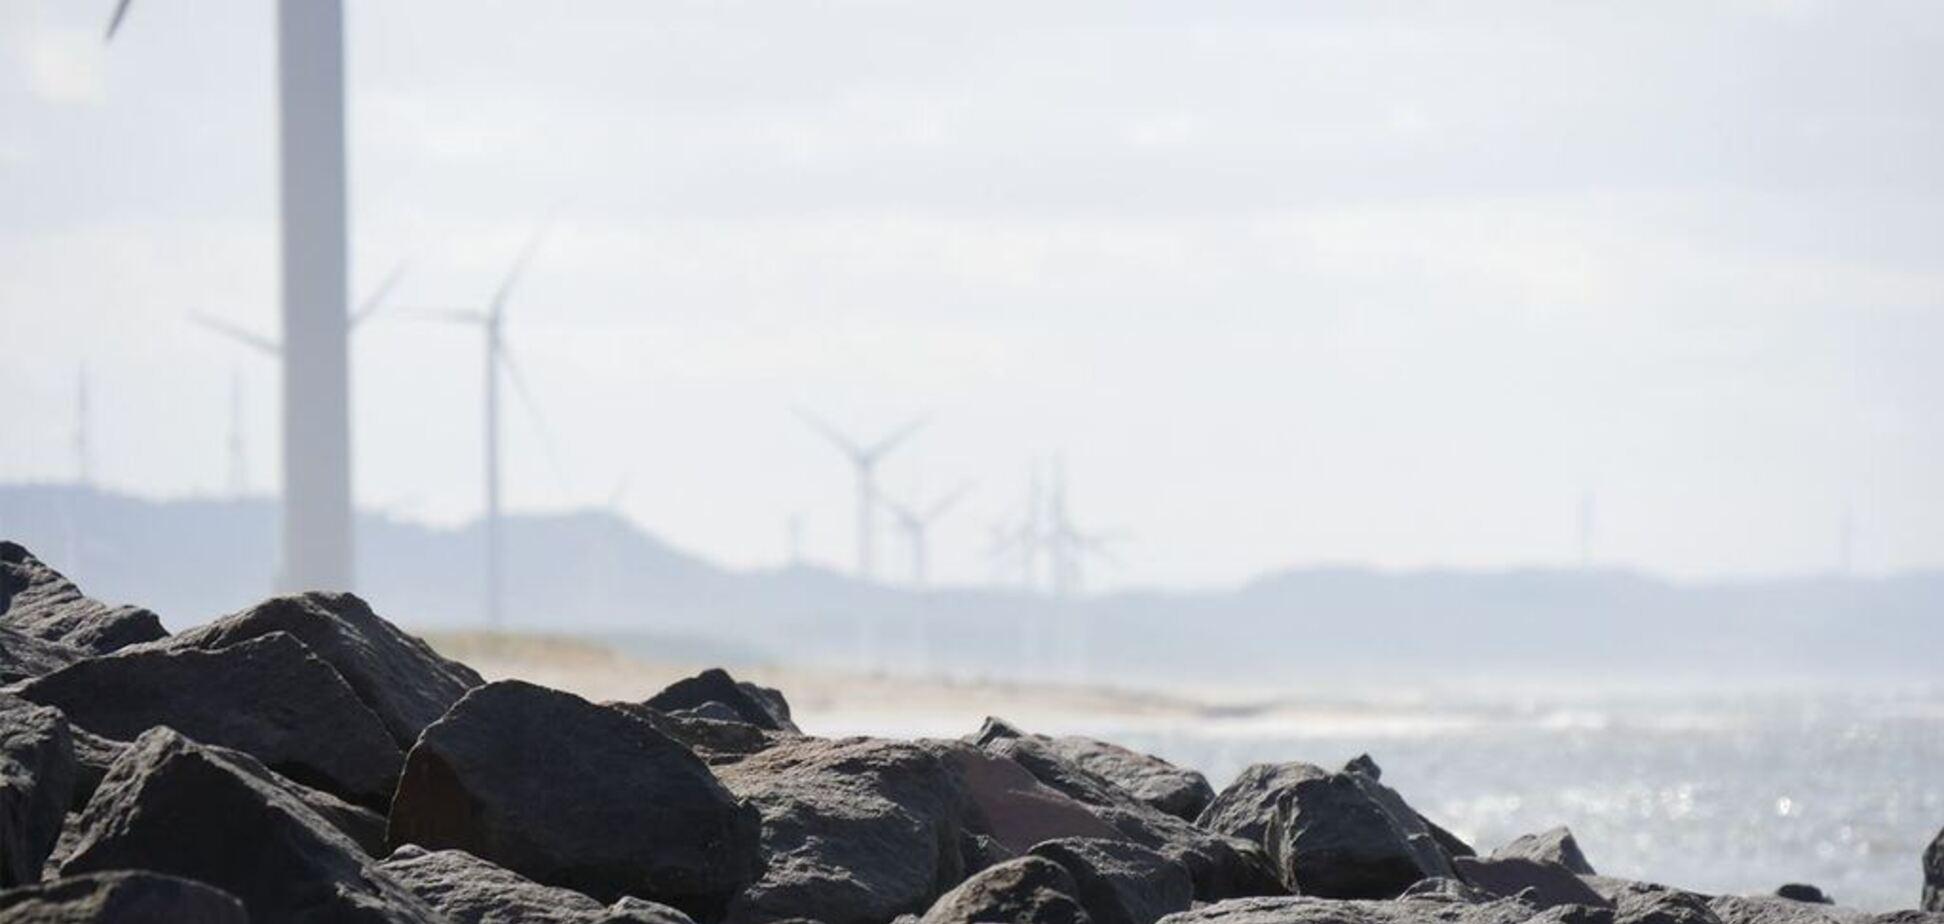 'Даже без ветра': в Европе начали использовать уникальные ветрогенераторы нового типа